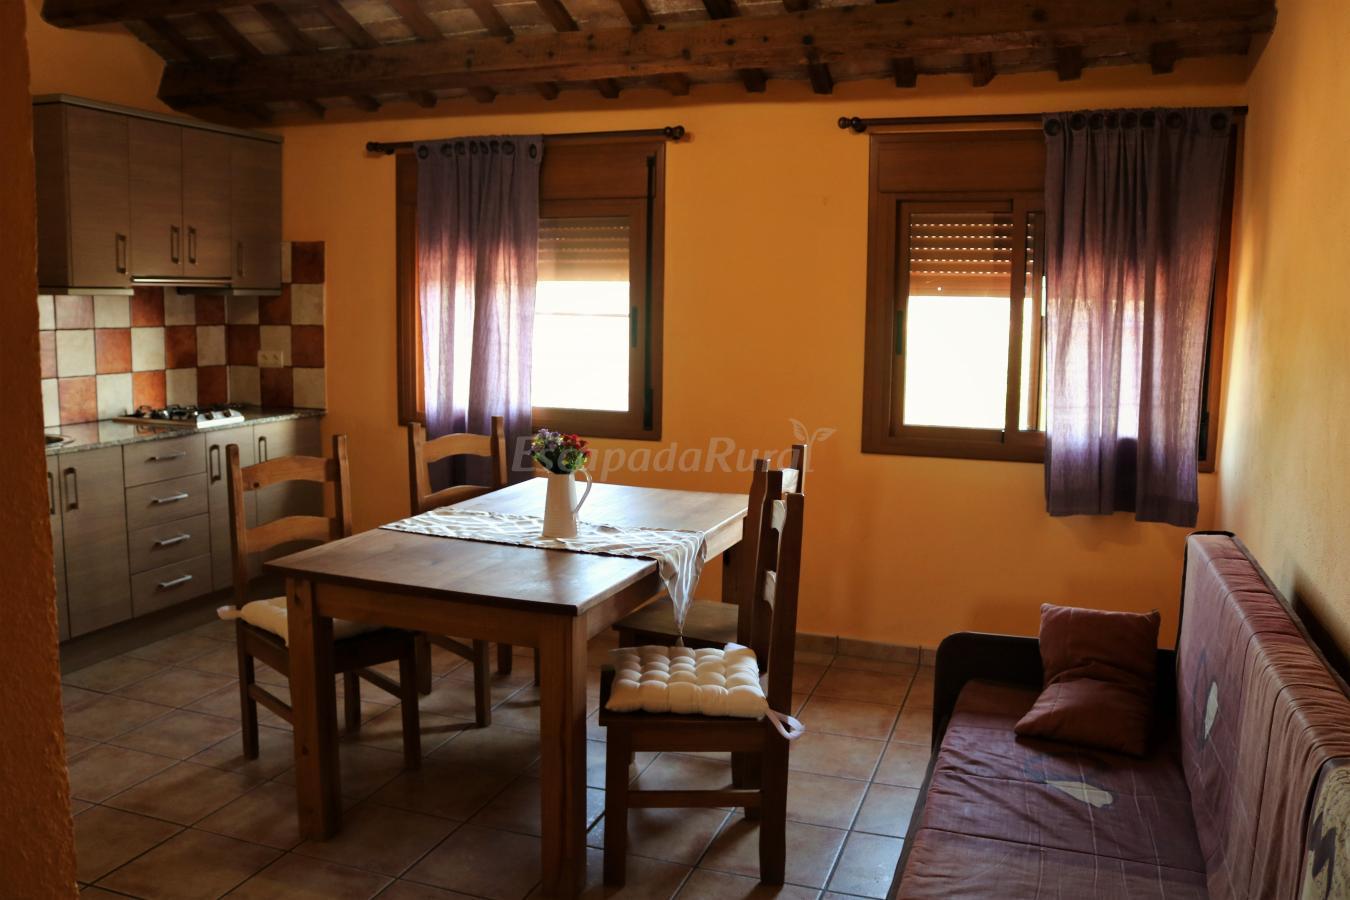 Fotos de alojamiento casa rosana casa rural en deltebre for Sala 0 tarragona